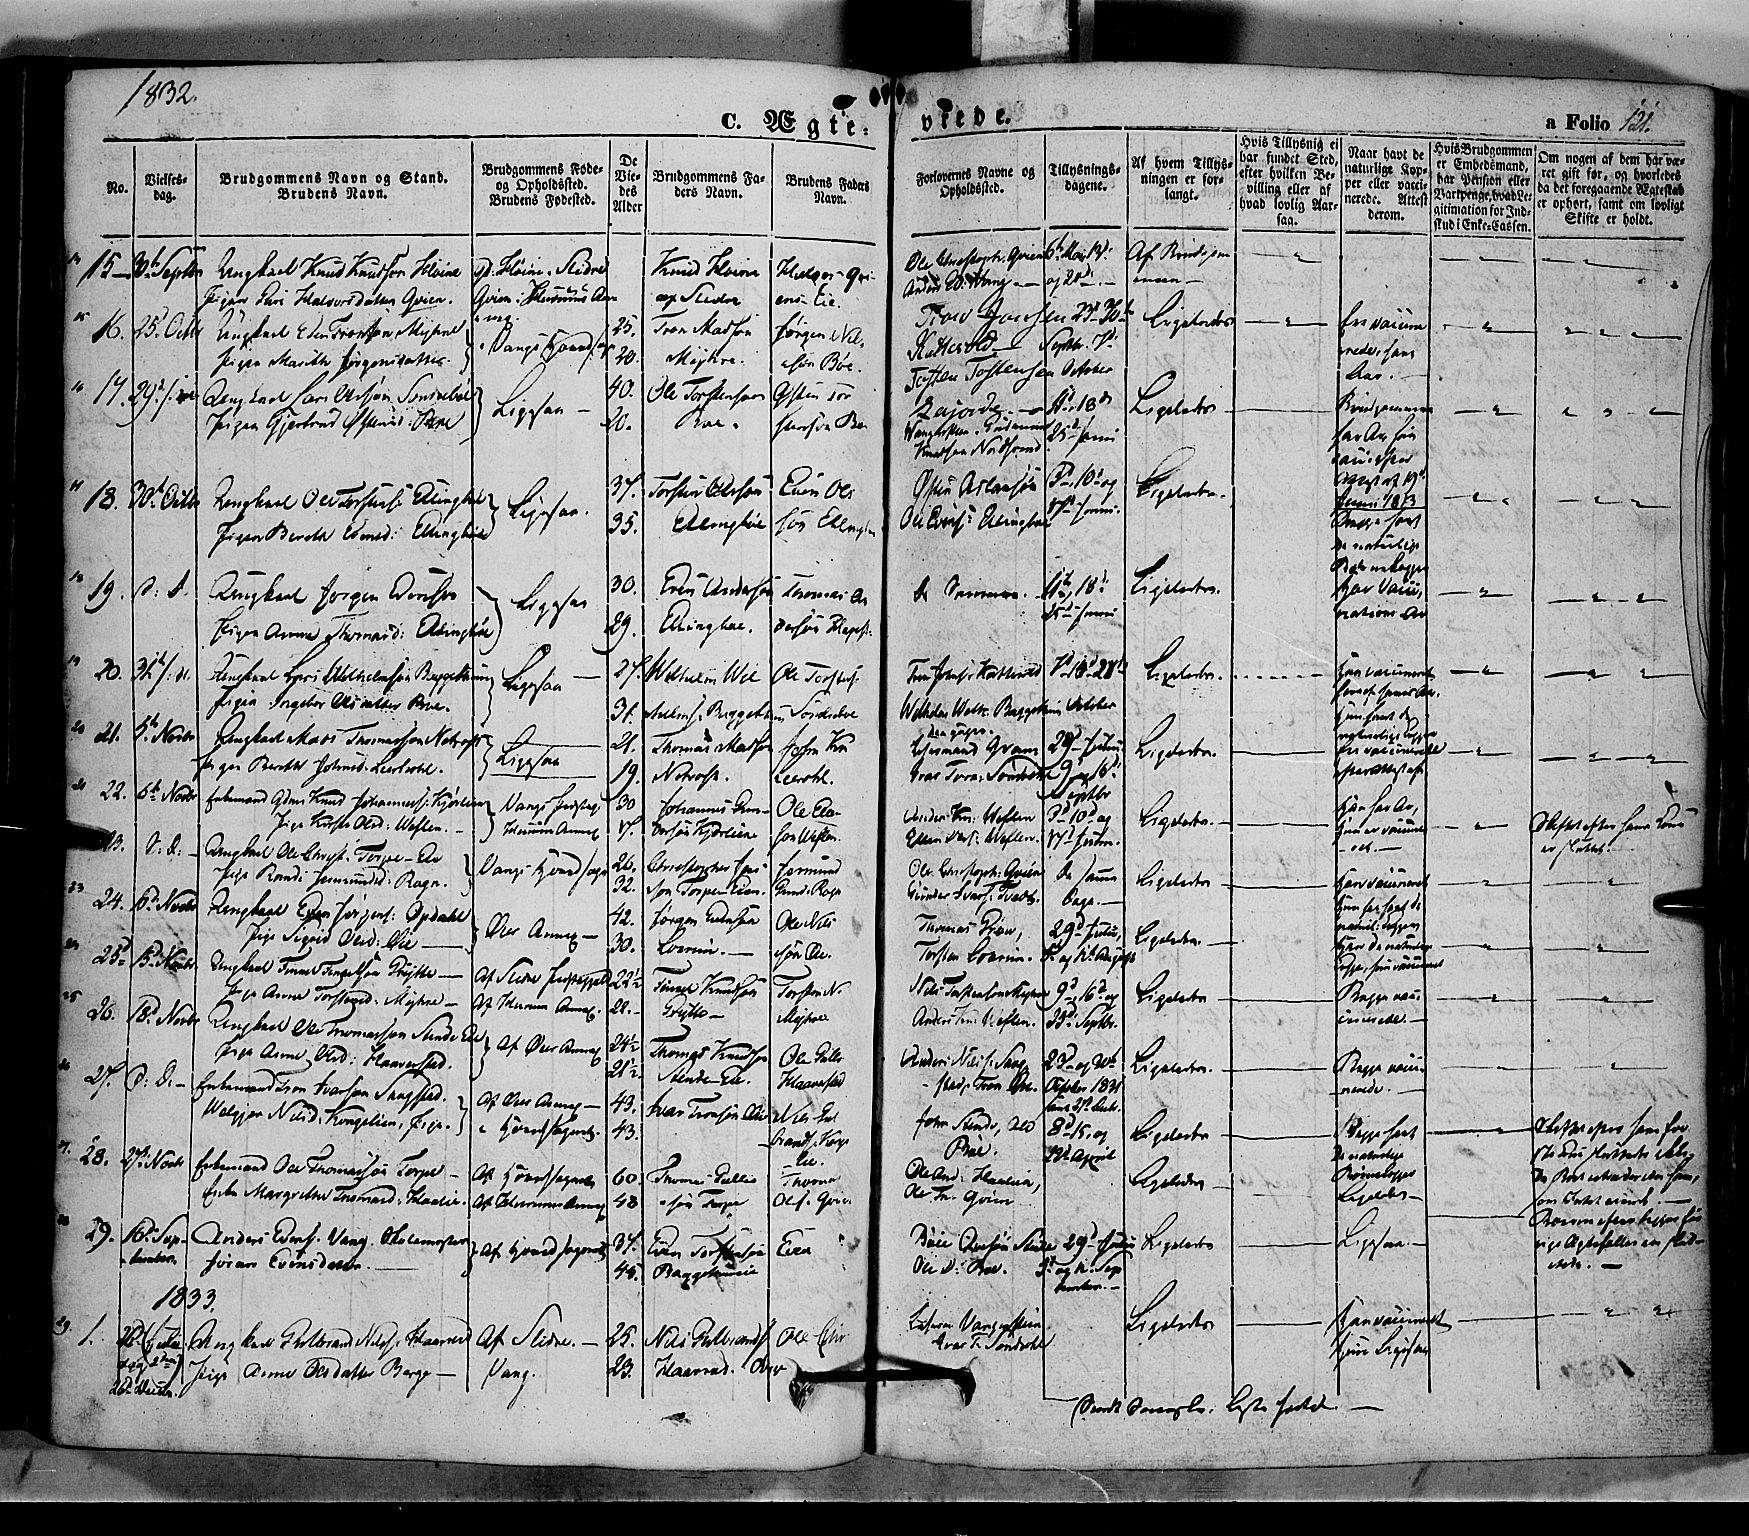 SAH, Vang prestekontor, Valdres, Ministerialbok nr. 5, 1831-1845, s. 121